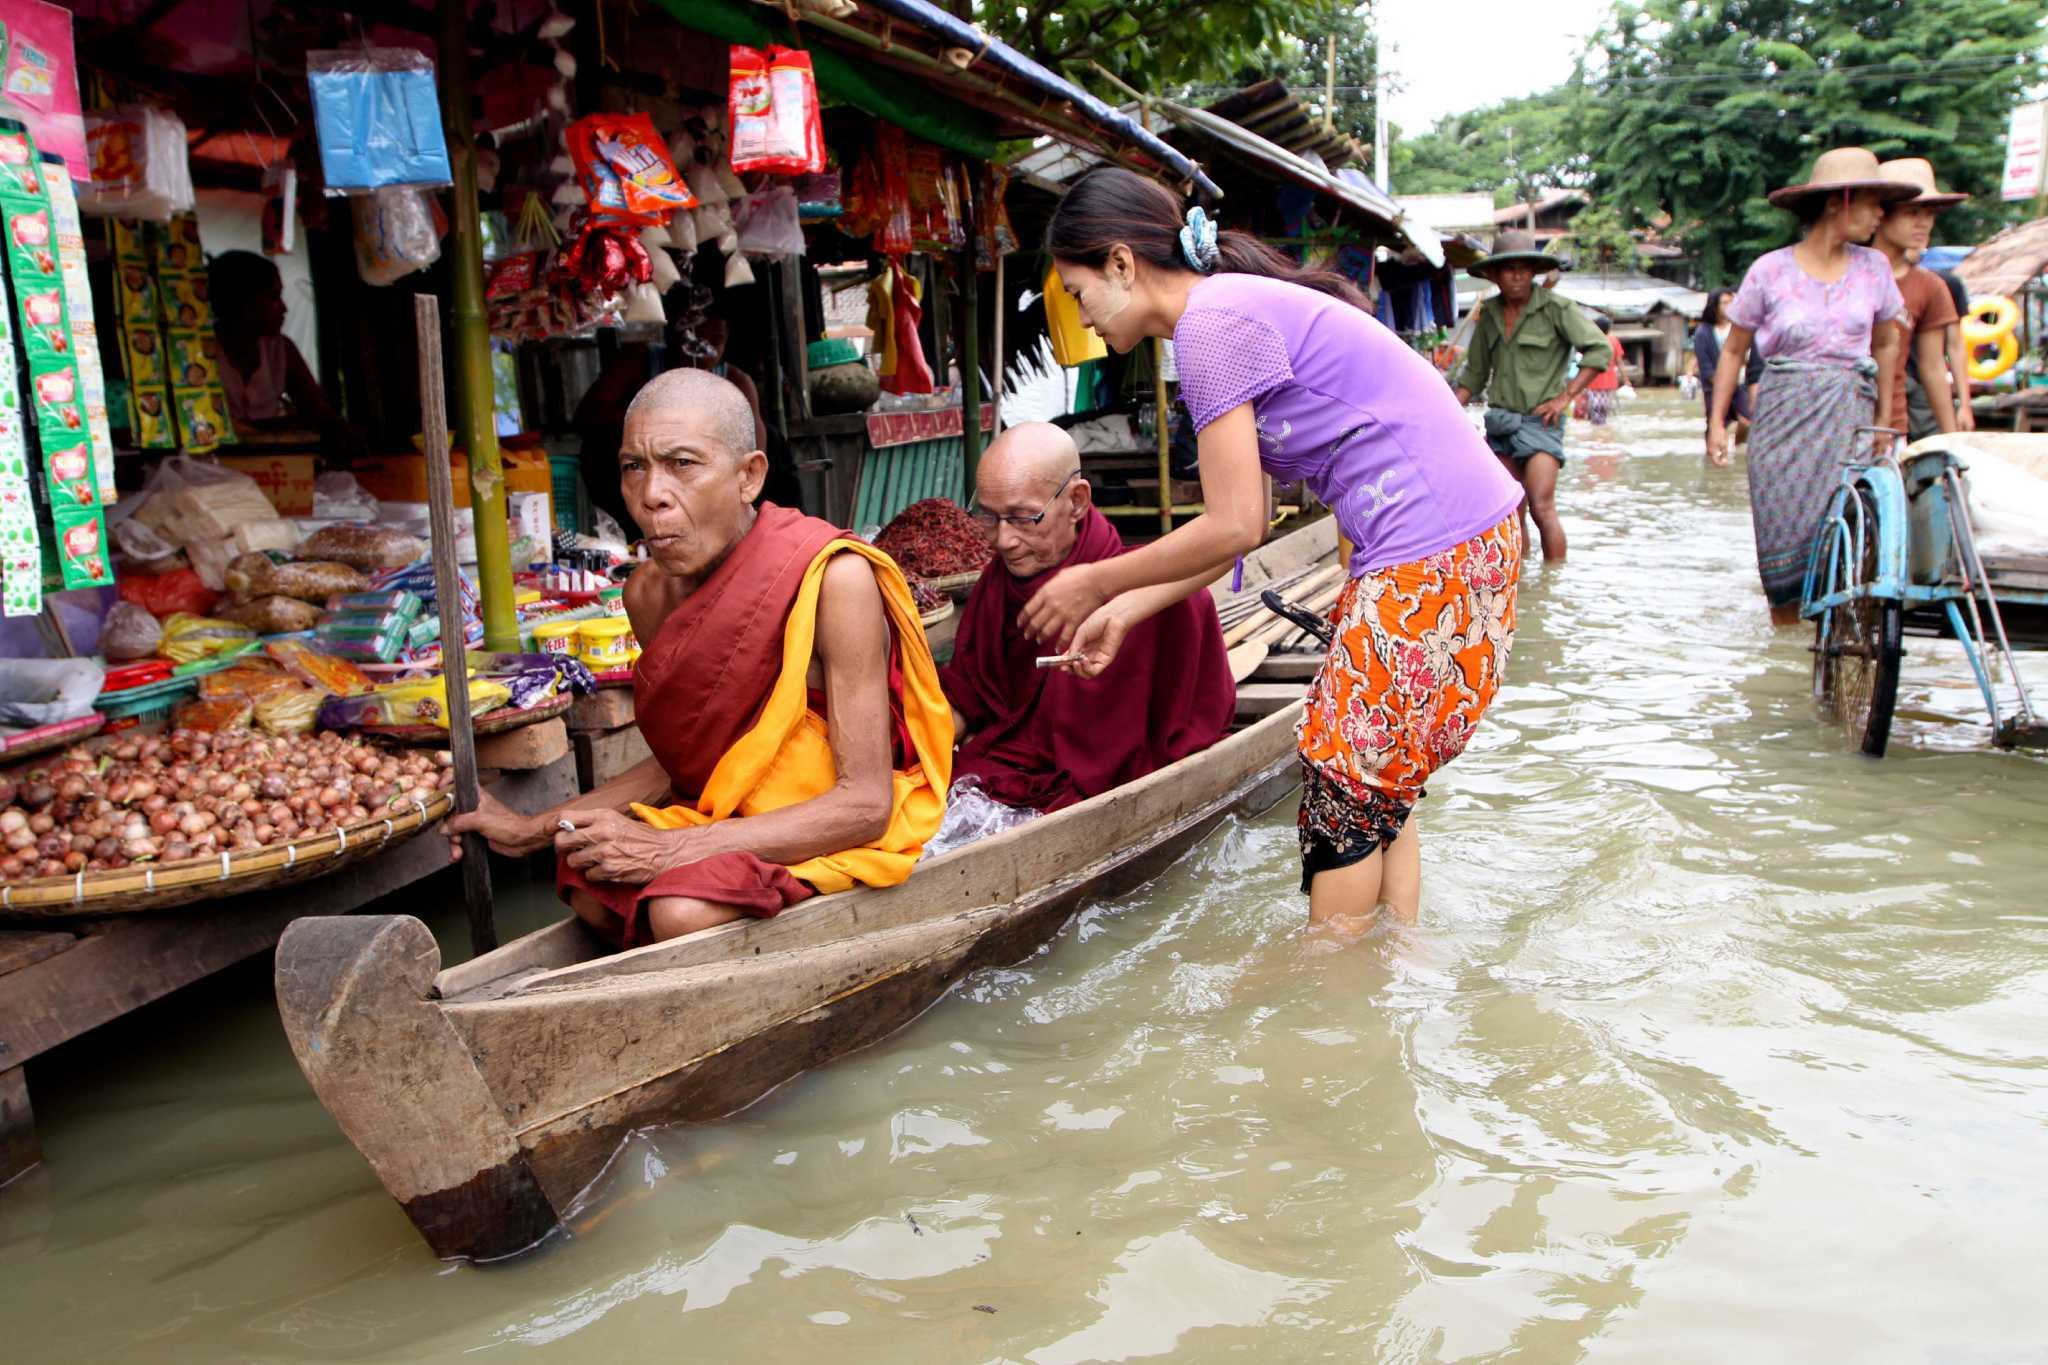 randění rande Bansang Myanmar milionář datování tipy